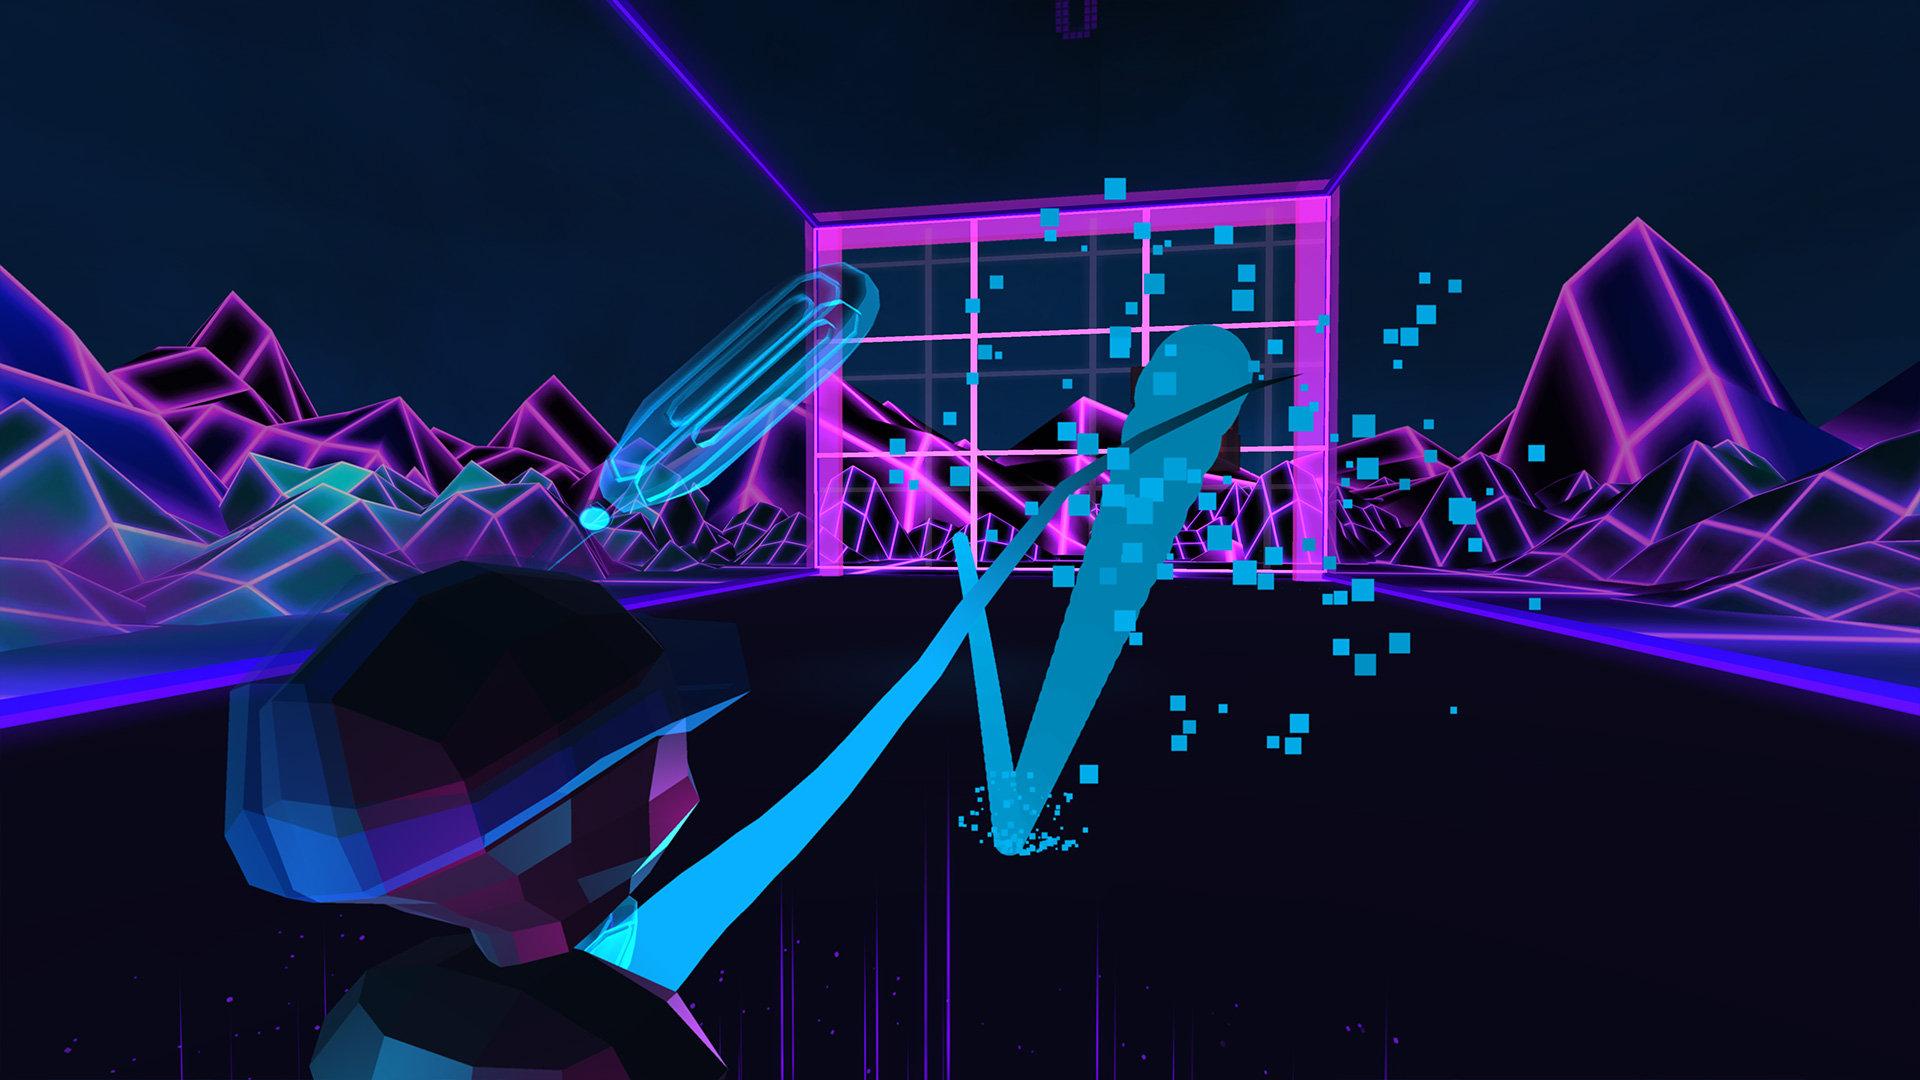 『ホロボール』ゲーム画面